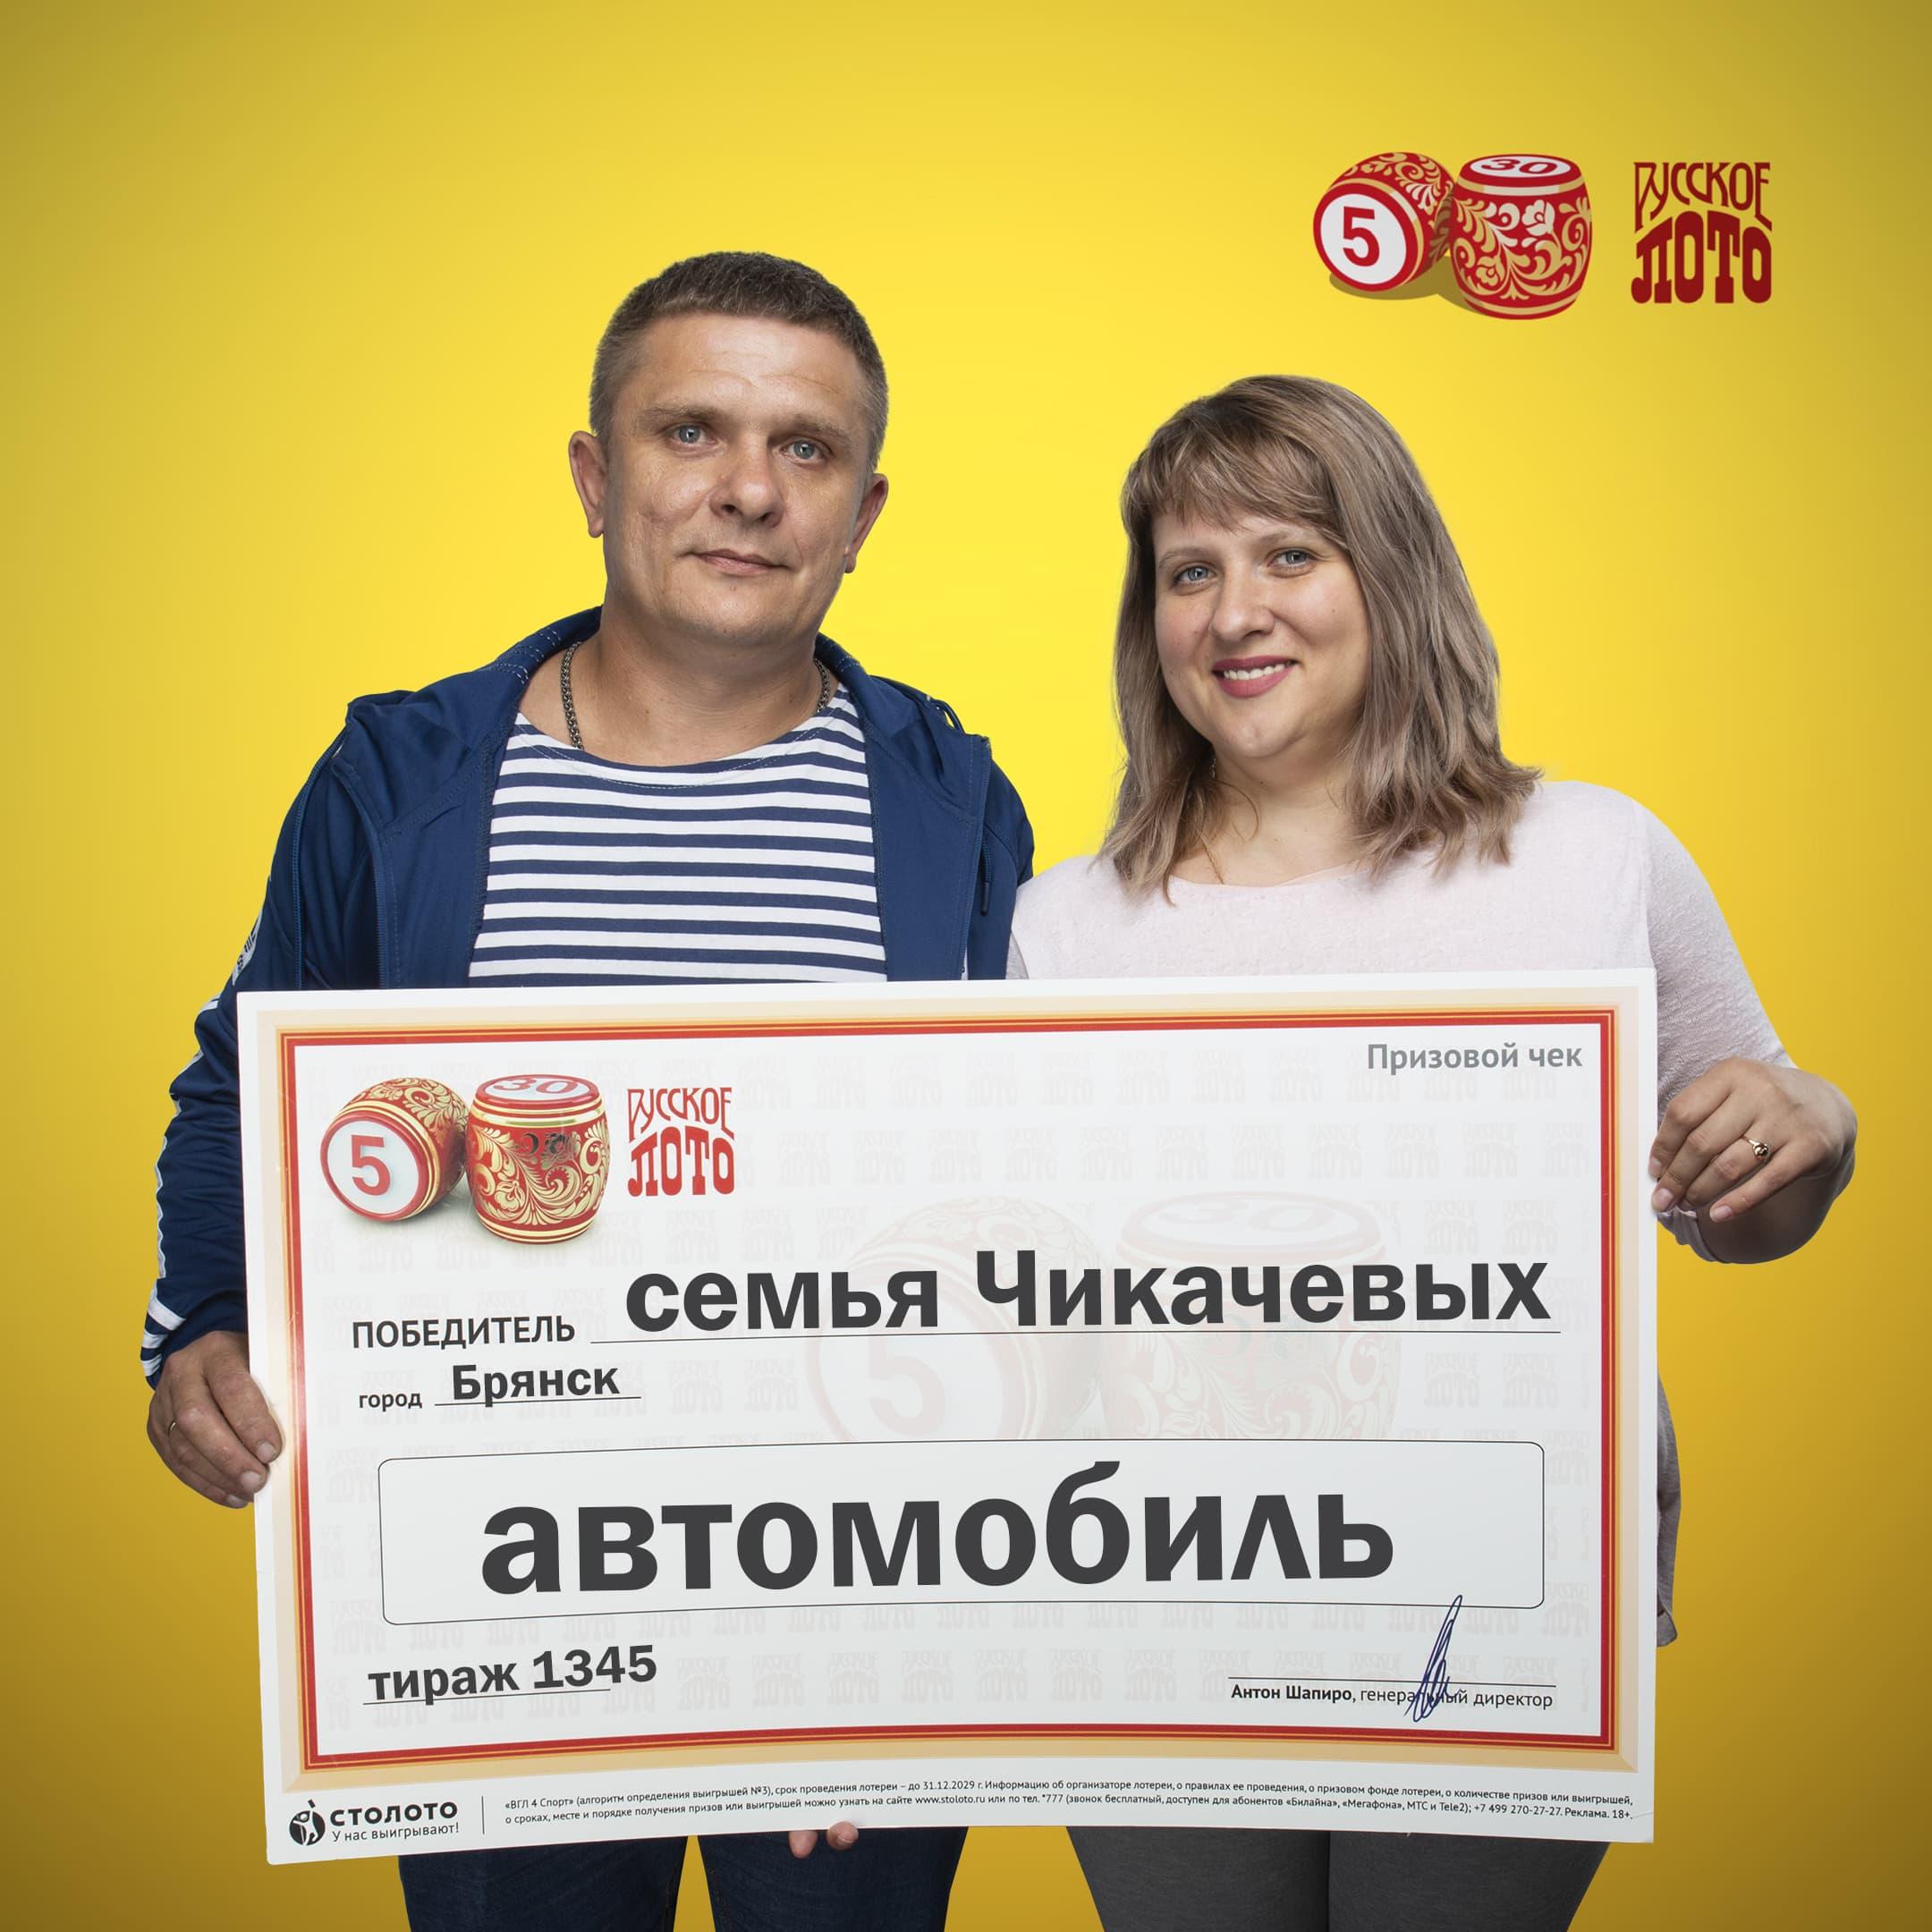 Novoroční losování - distribuce velkých výher po Rusku